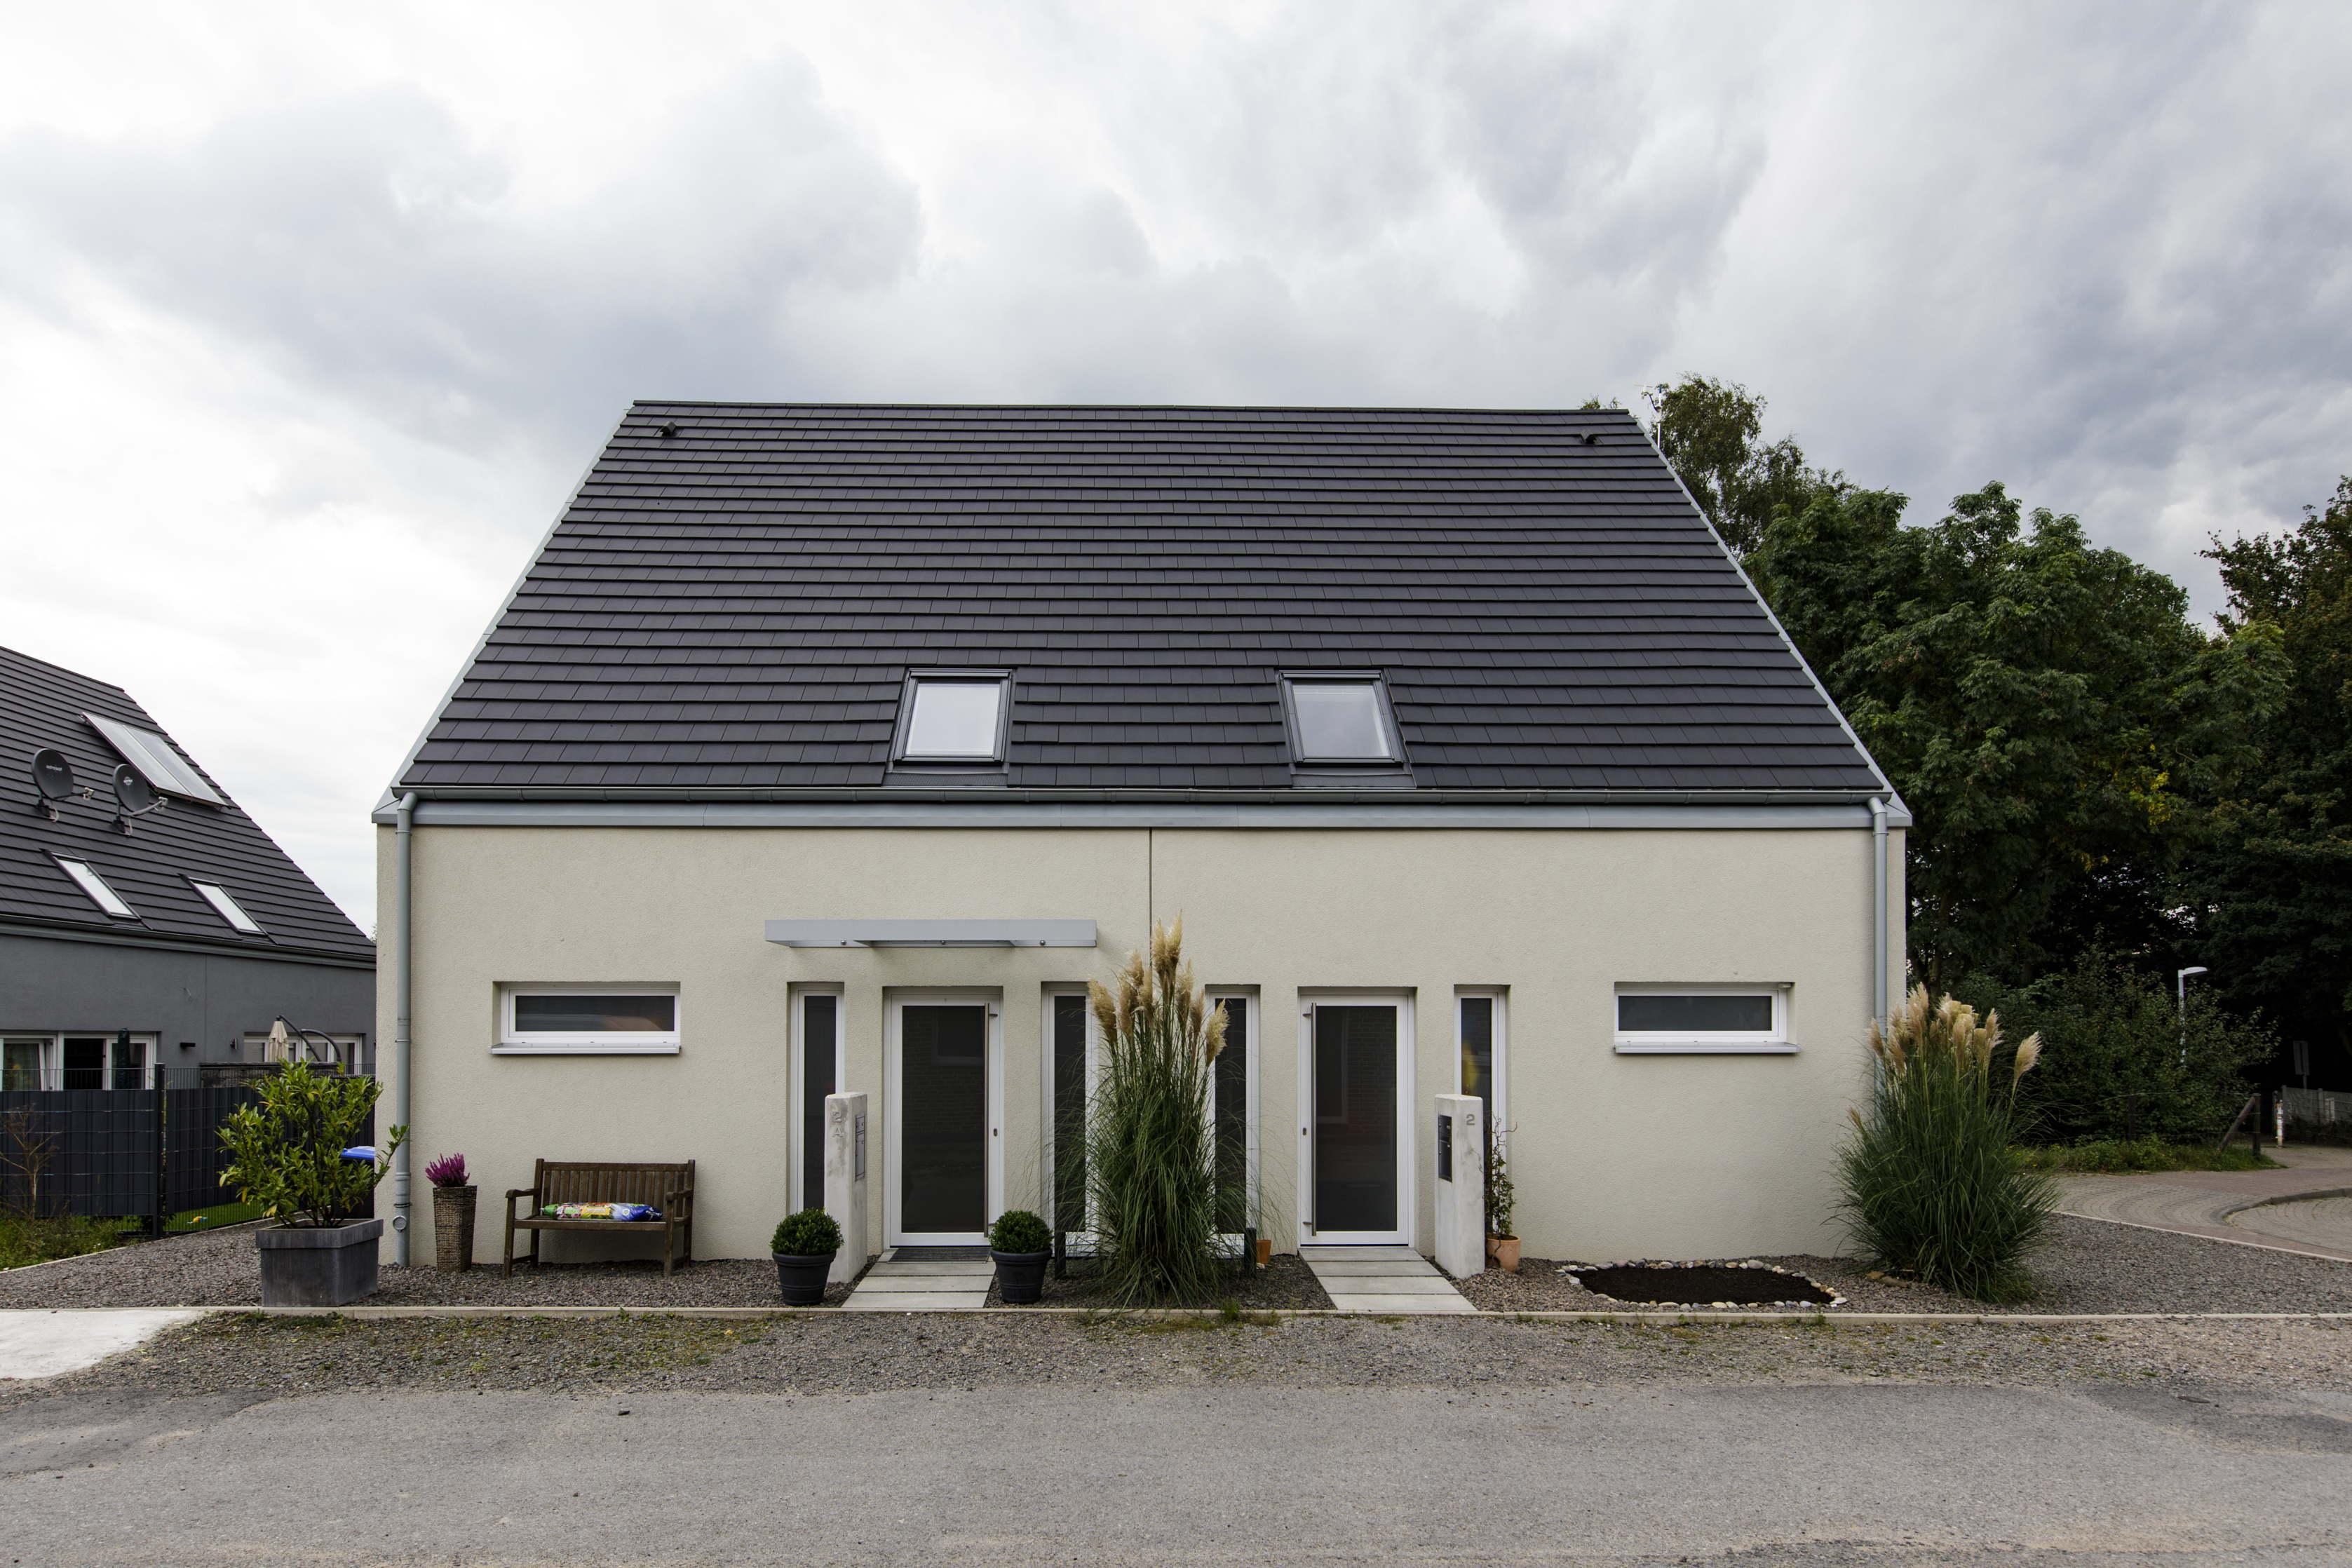 paul-moor-weg-image-1